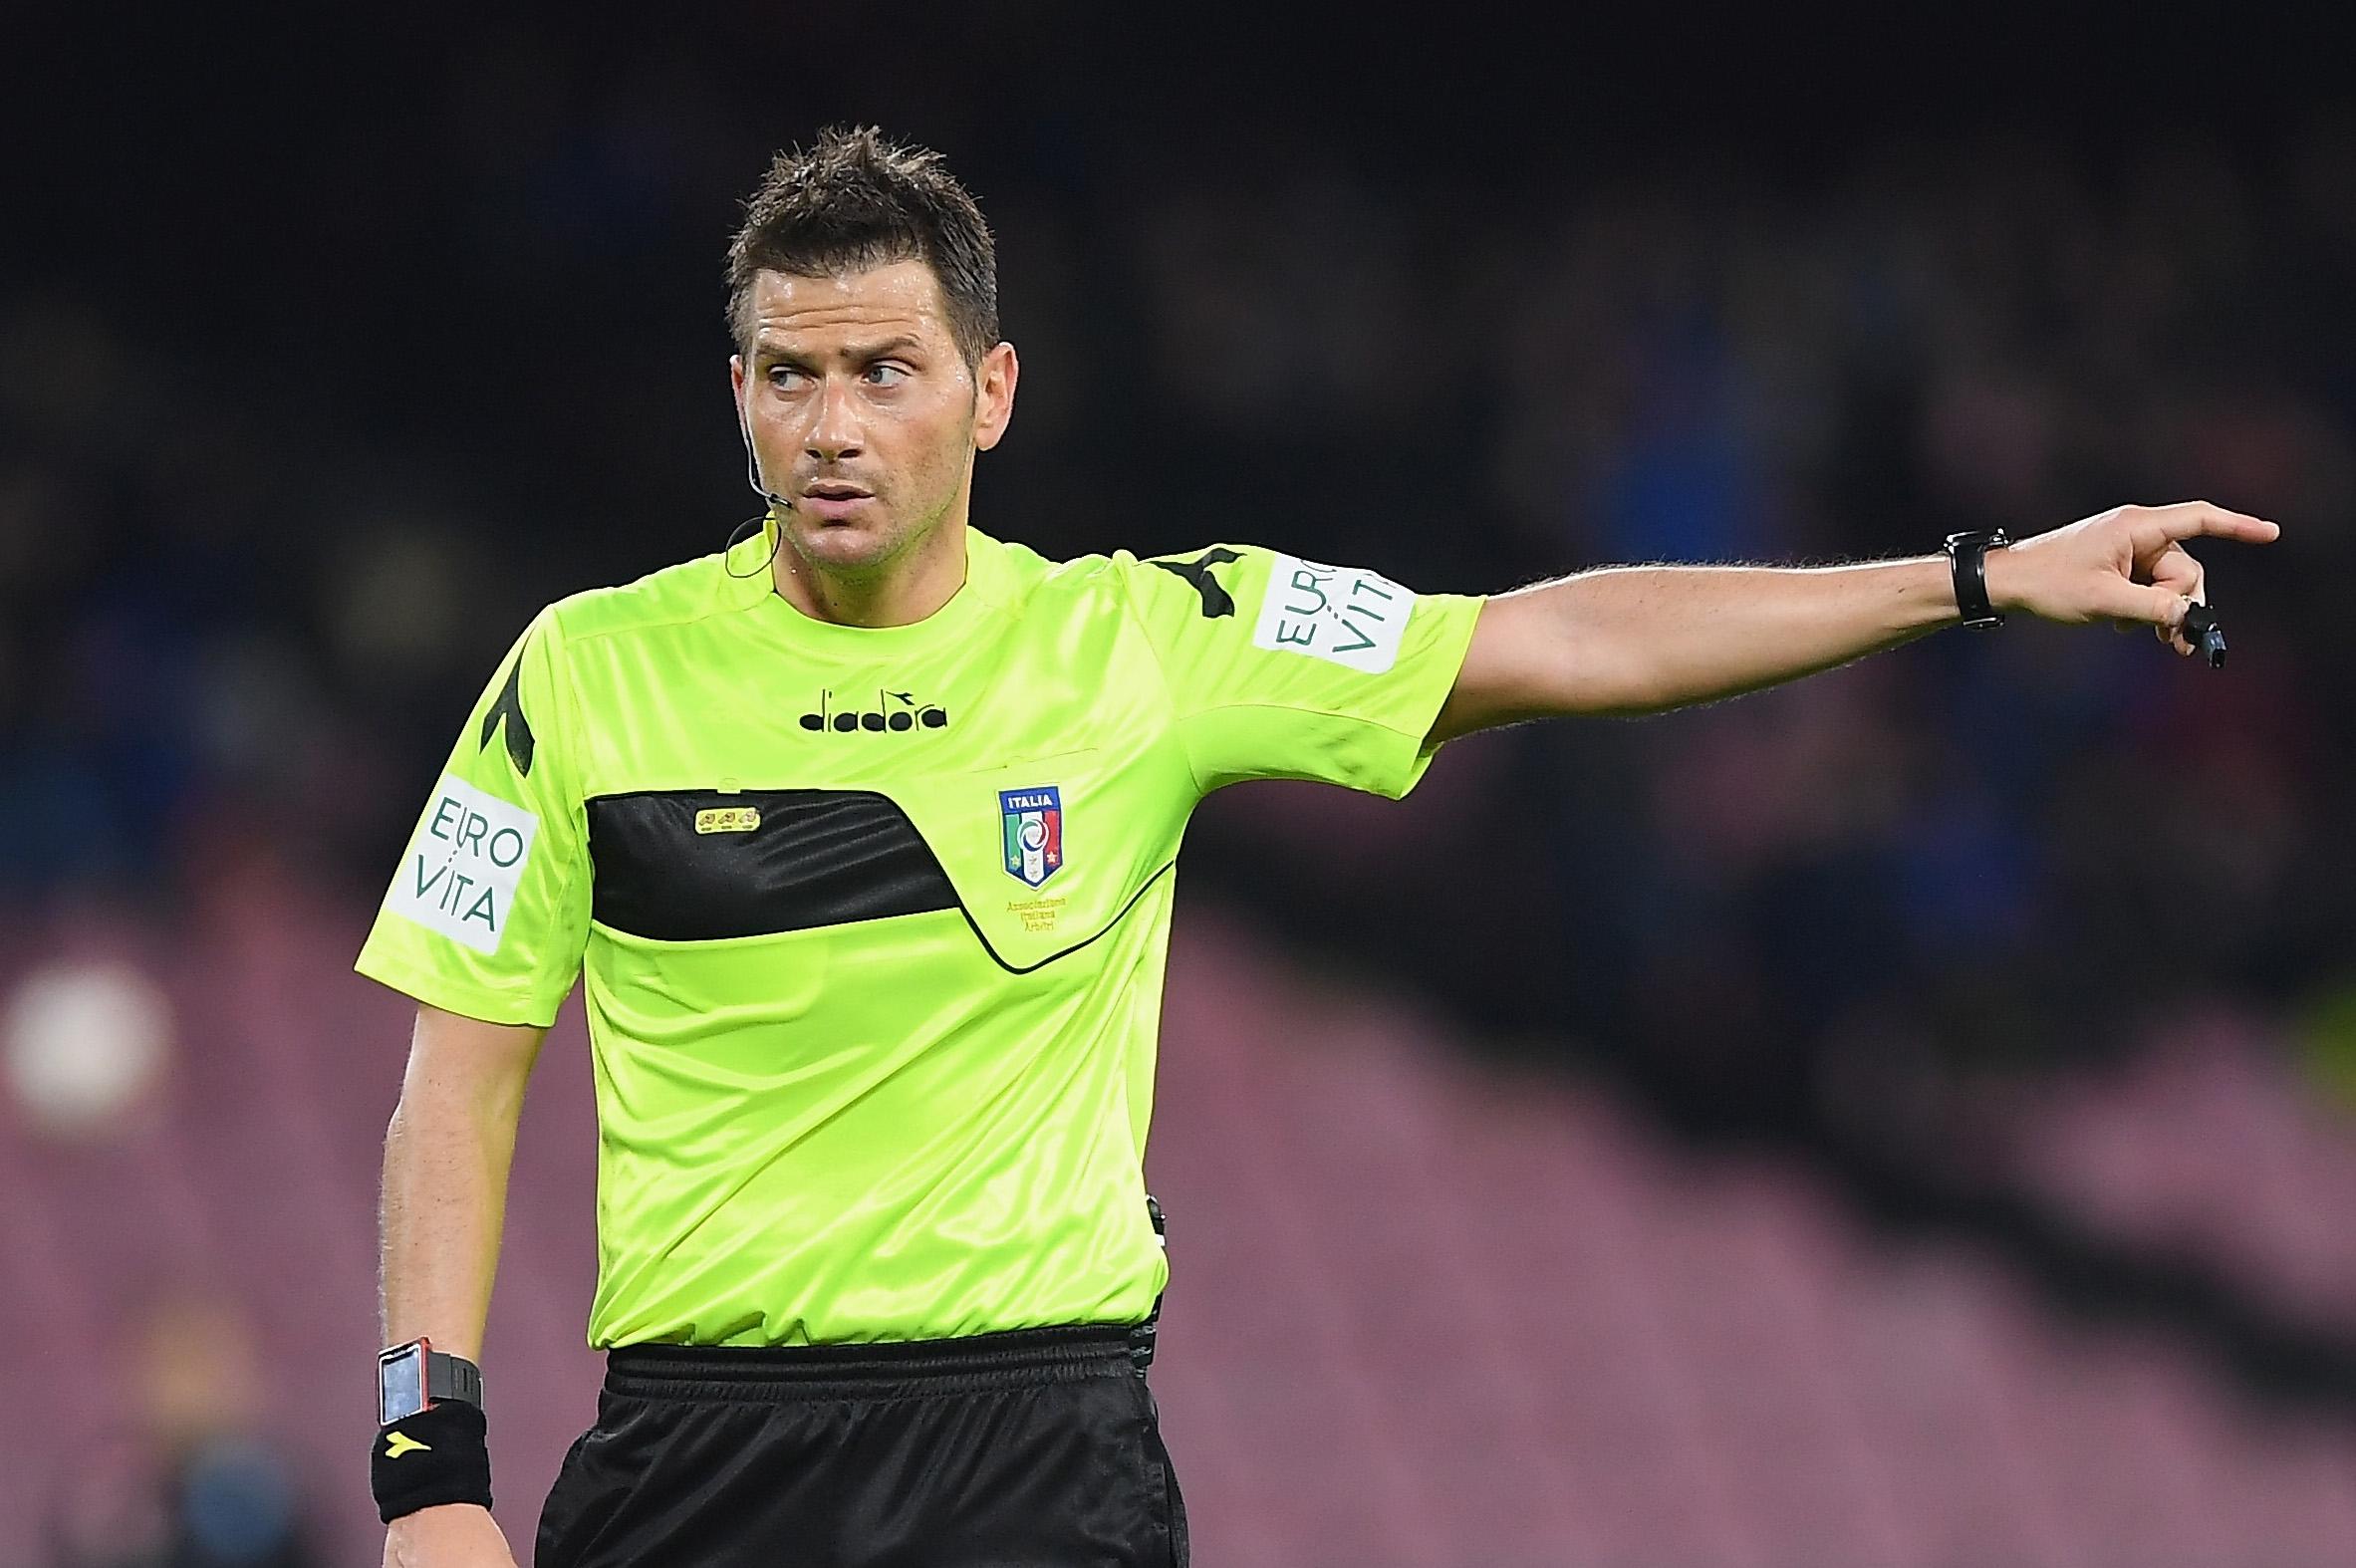 Италианската футболна федерация определи съдийските наряди за 8-ия кръг в